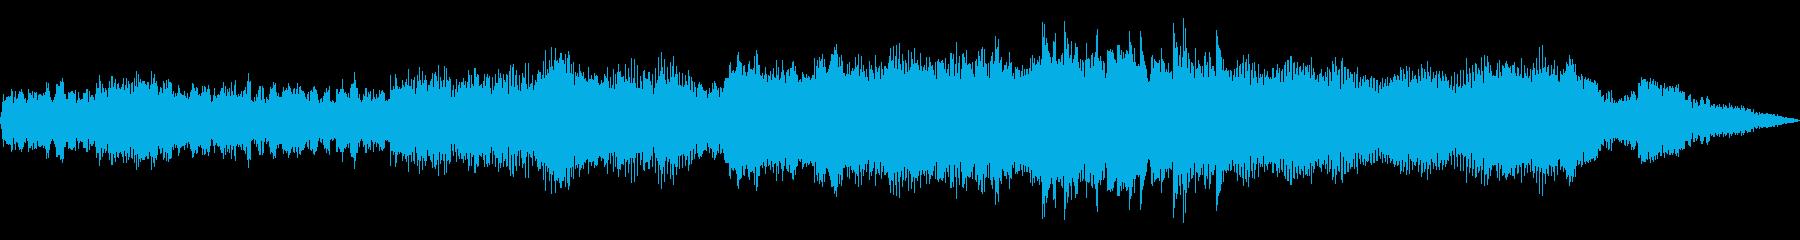 ニュースベッド2の再生済みの波形